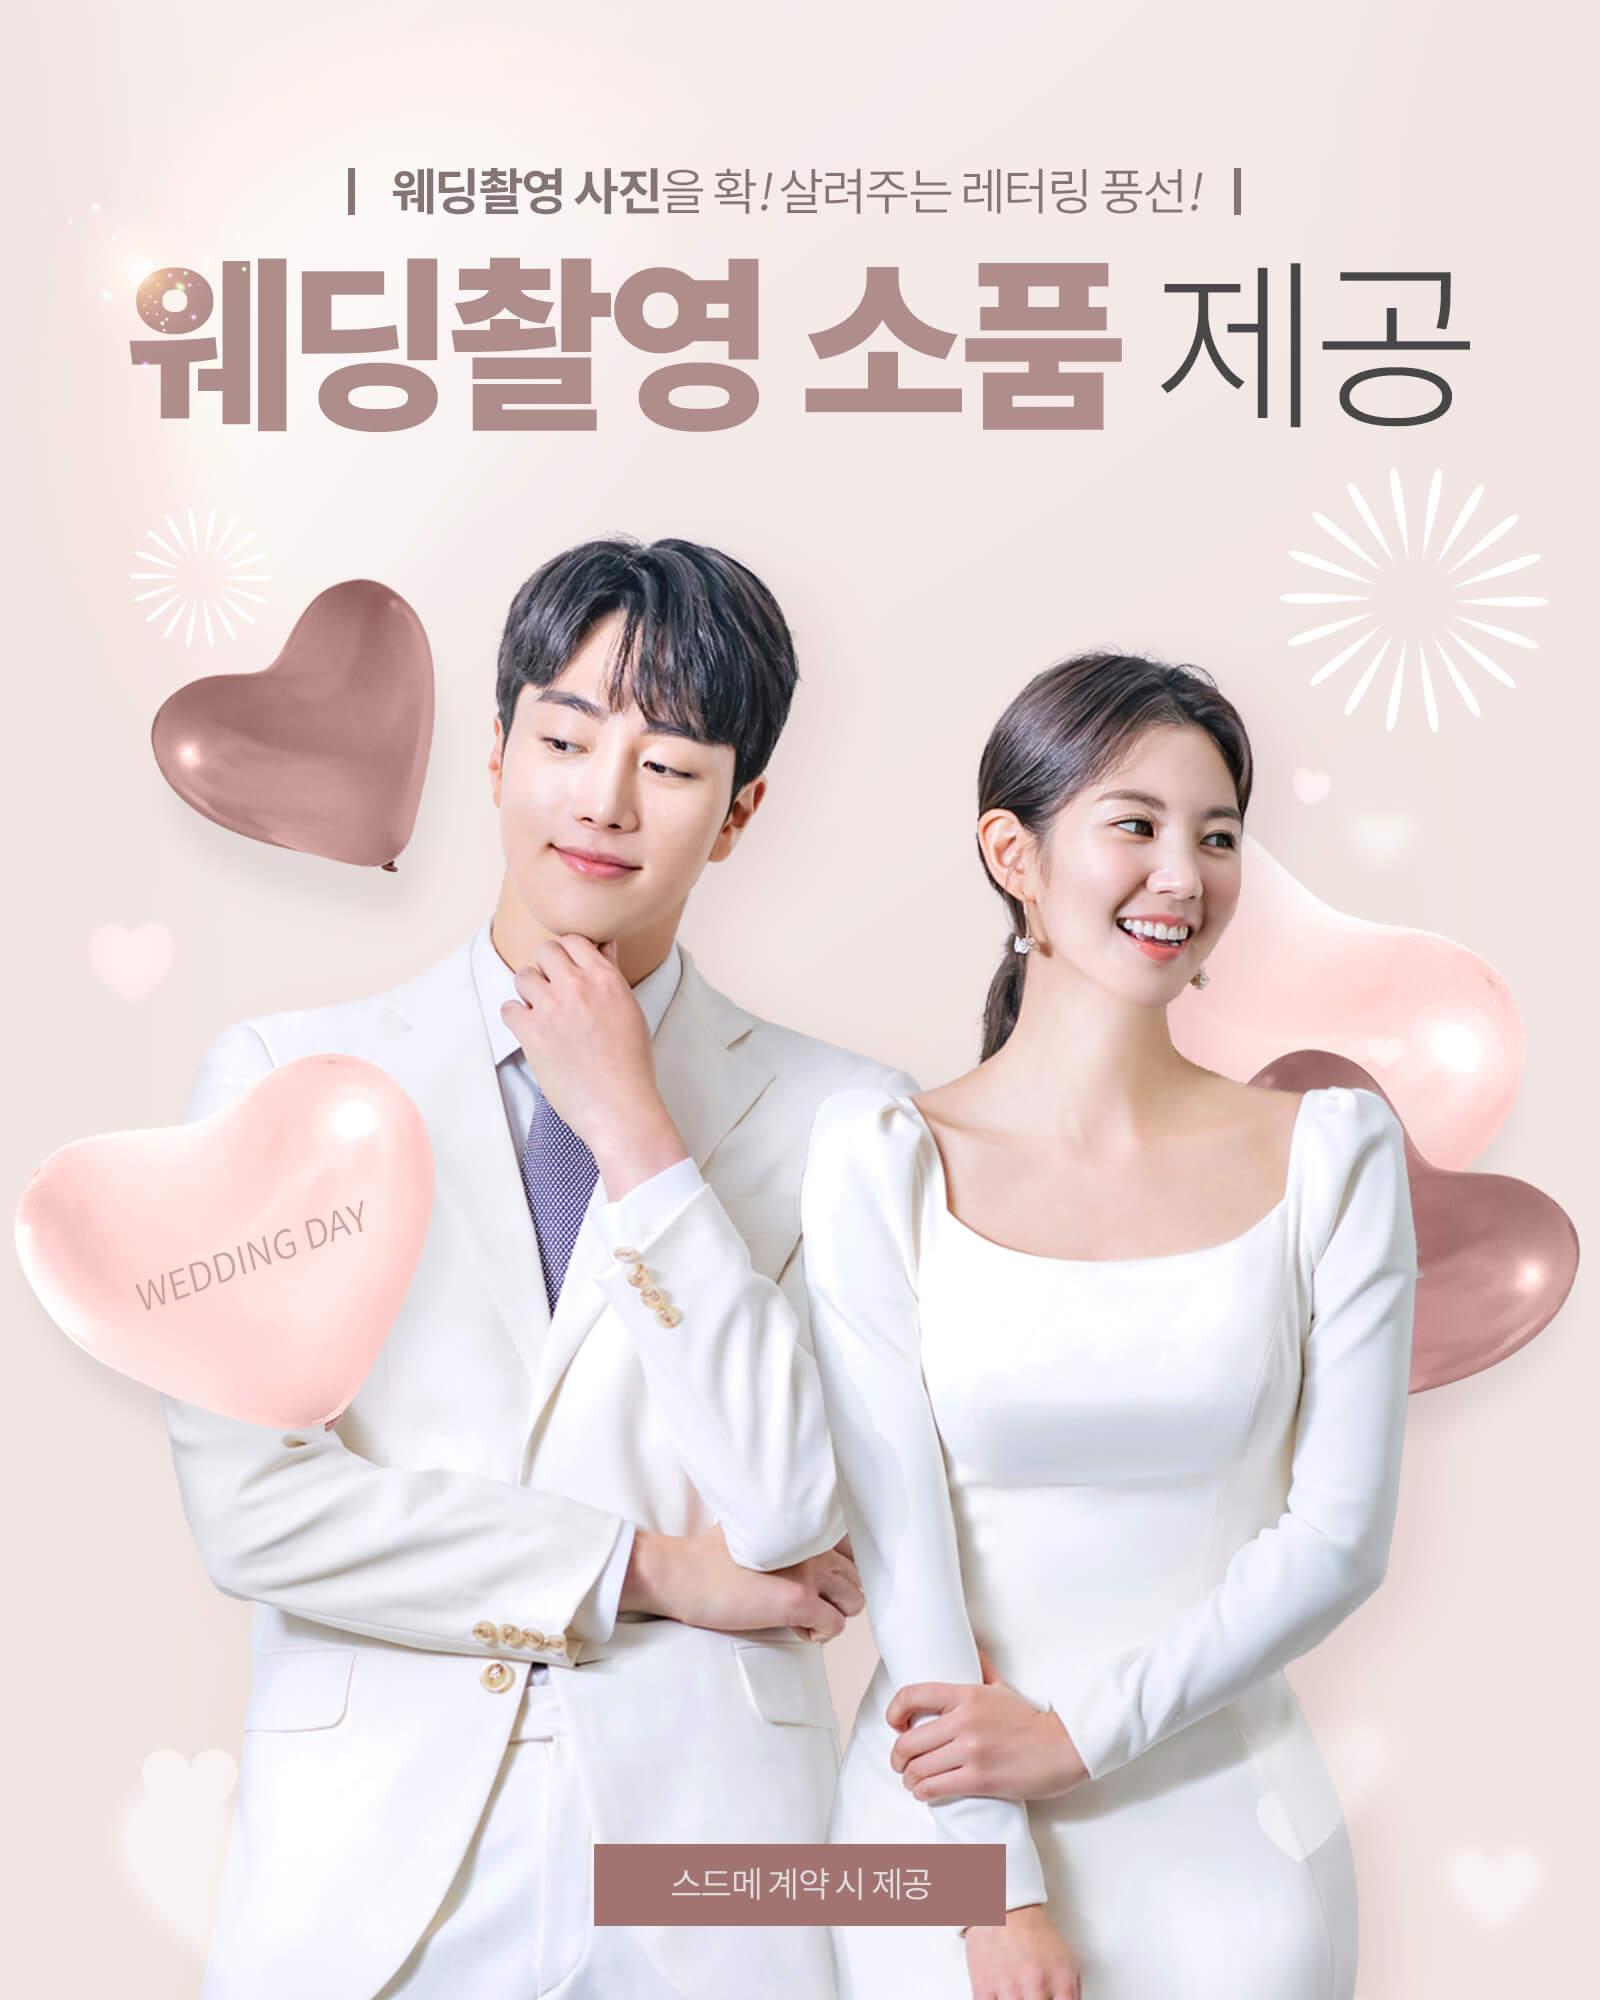 레터링 풍선 웨딩촬영 소품 제공